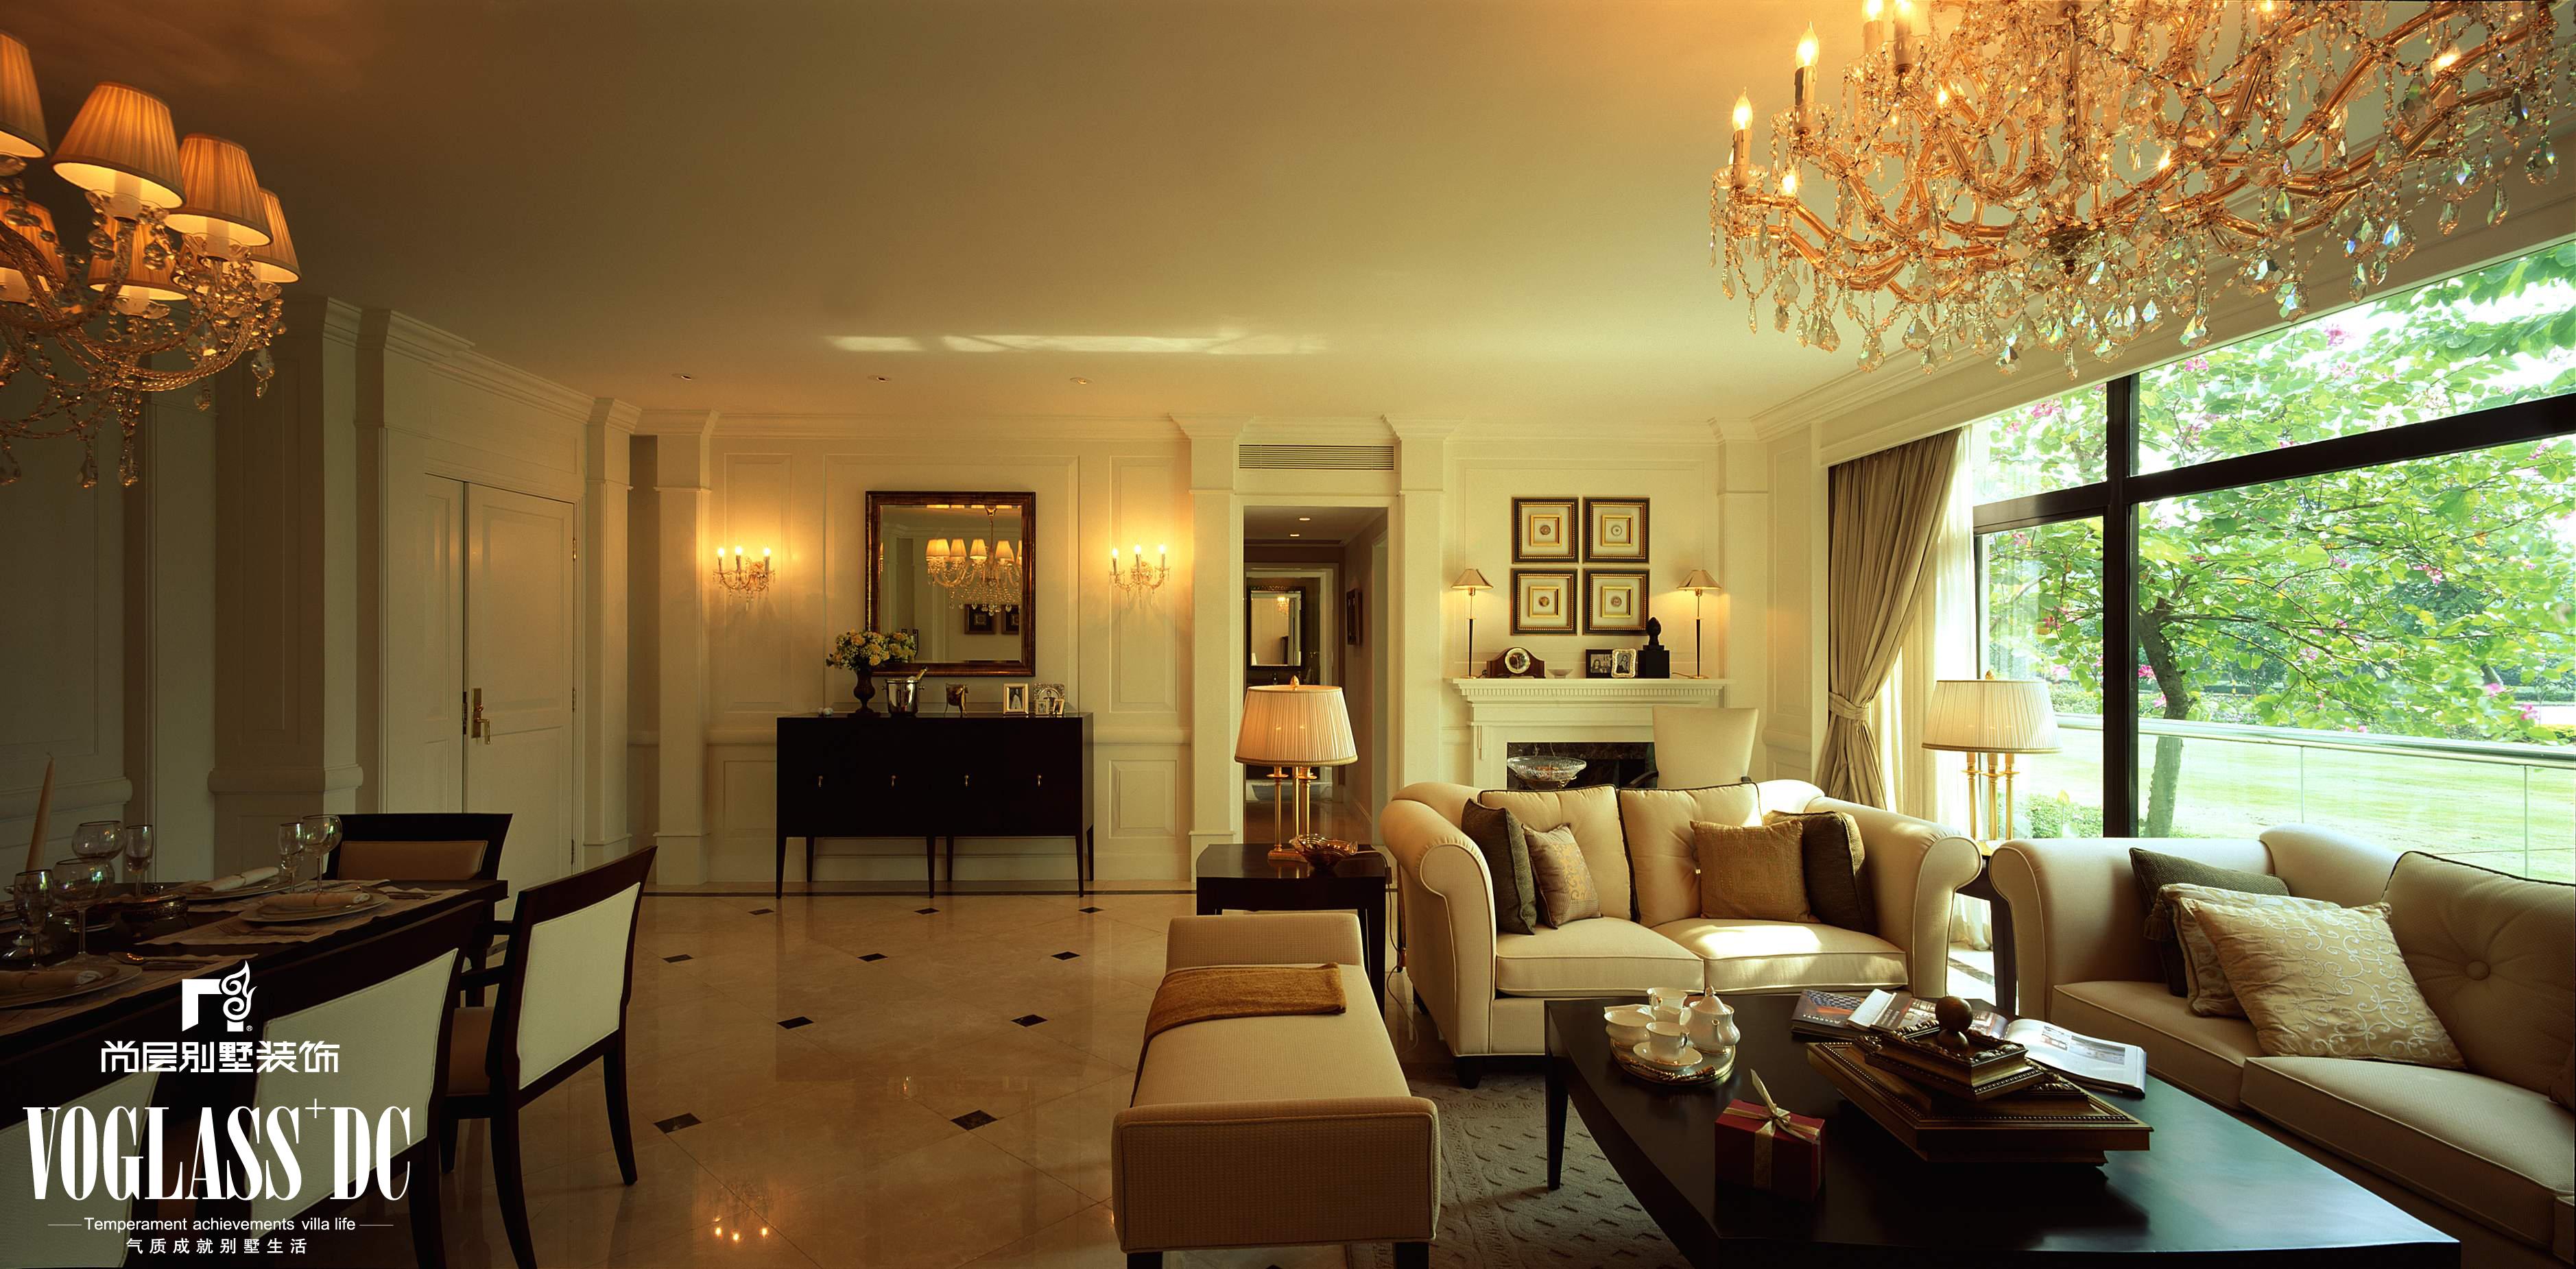 二居 三居 别墅 白领 80后 旧房改造 客厅图片来自天津尚层装修韩政在美式风格的分享